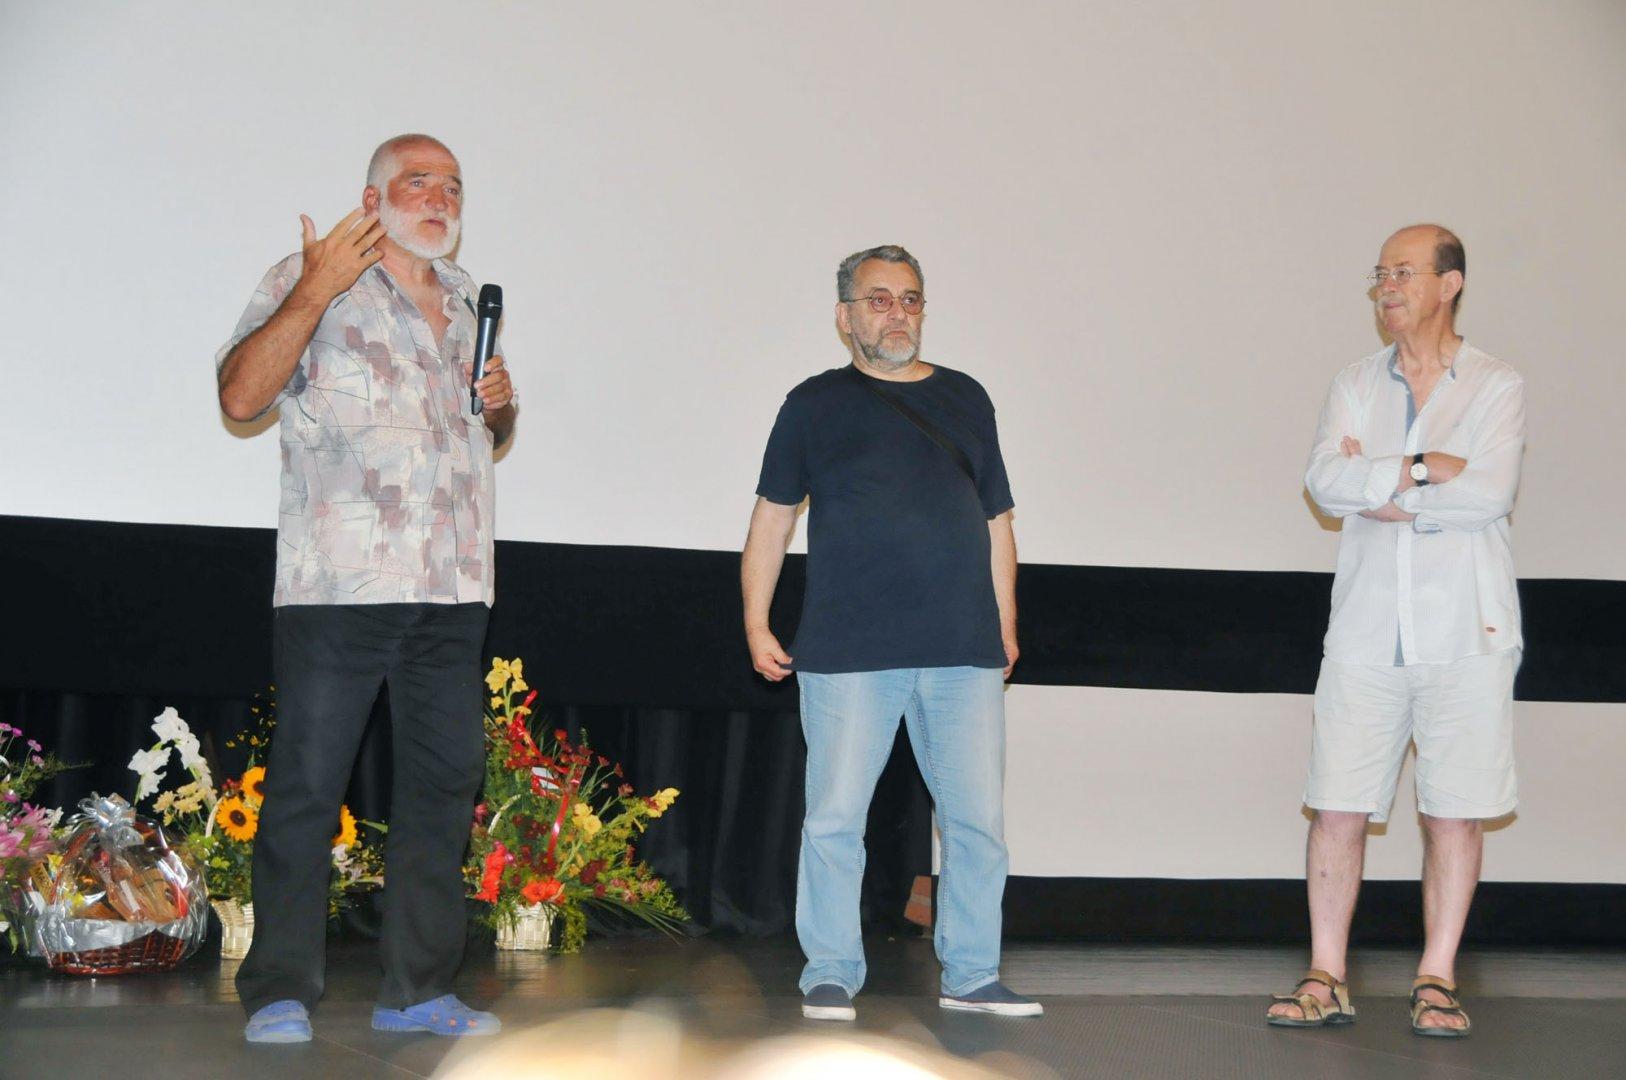 Част от екипа на филма присъства на прожекцията в зала Тончо Русев на Културен дом Бургас. Снимки Черноморие-бг